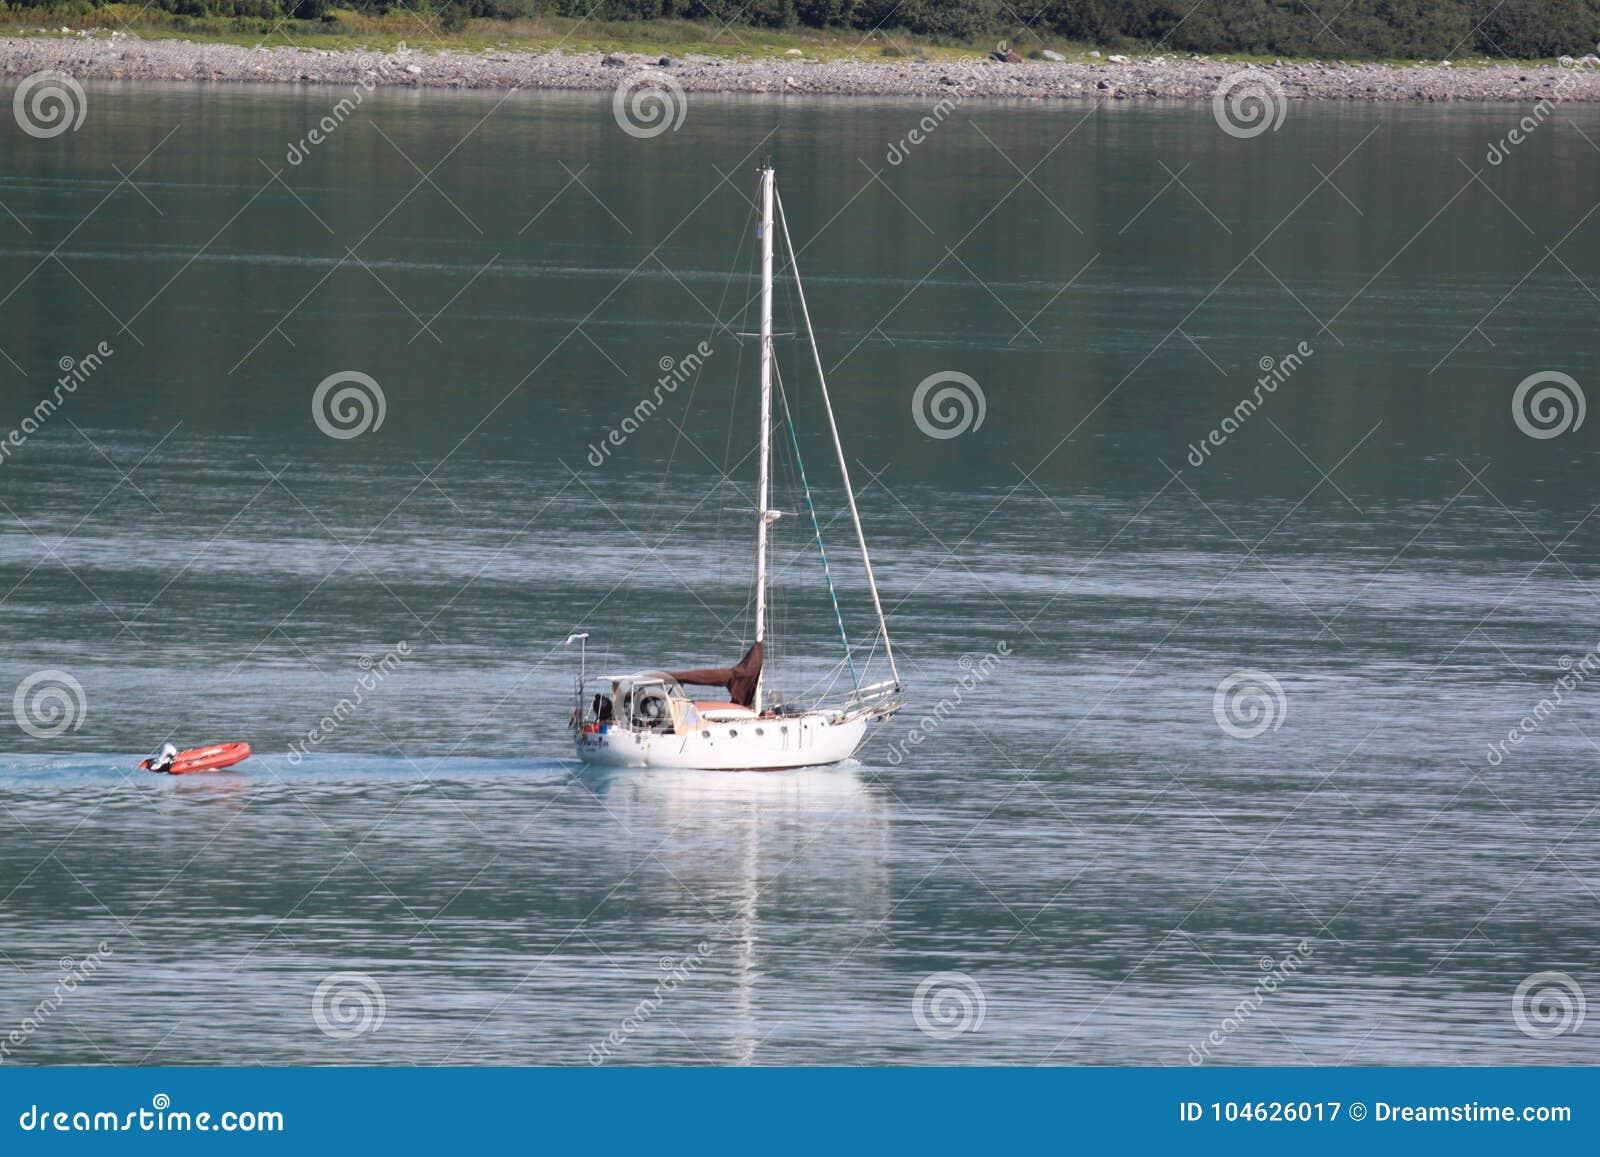 Download Alleen in de baai stock afbeelding. Afbeelding bestaande uit solitude - 104626017